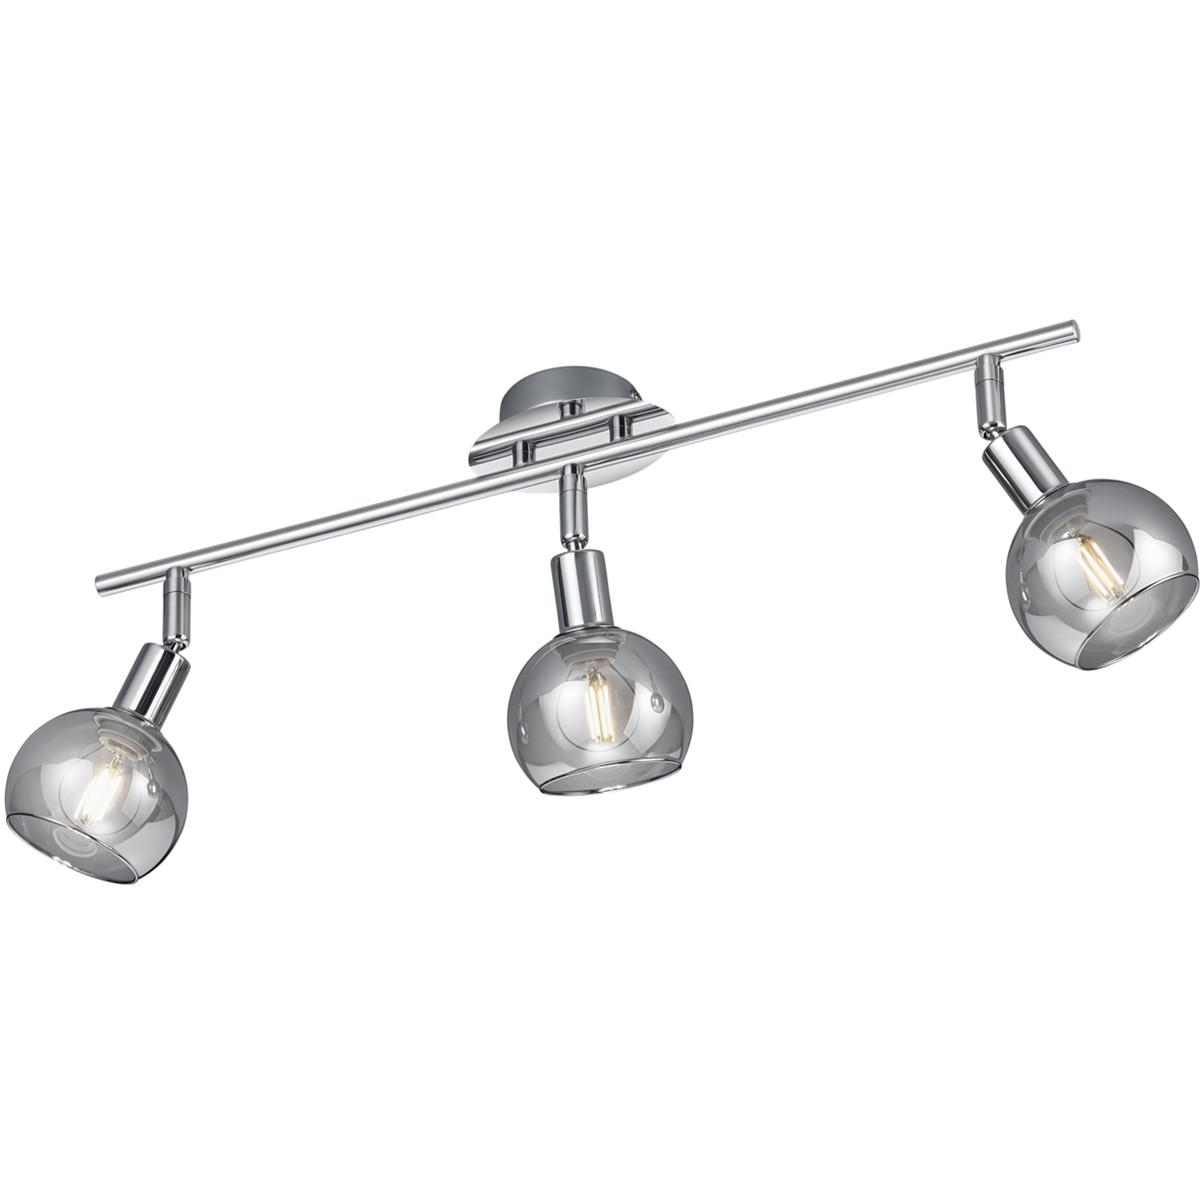 LED Plafondspot - Trion Brista - E14 Fitting - 3-lichts - Rond - Glans Chroom - Aluminium